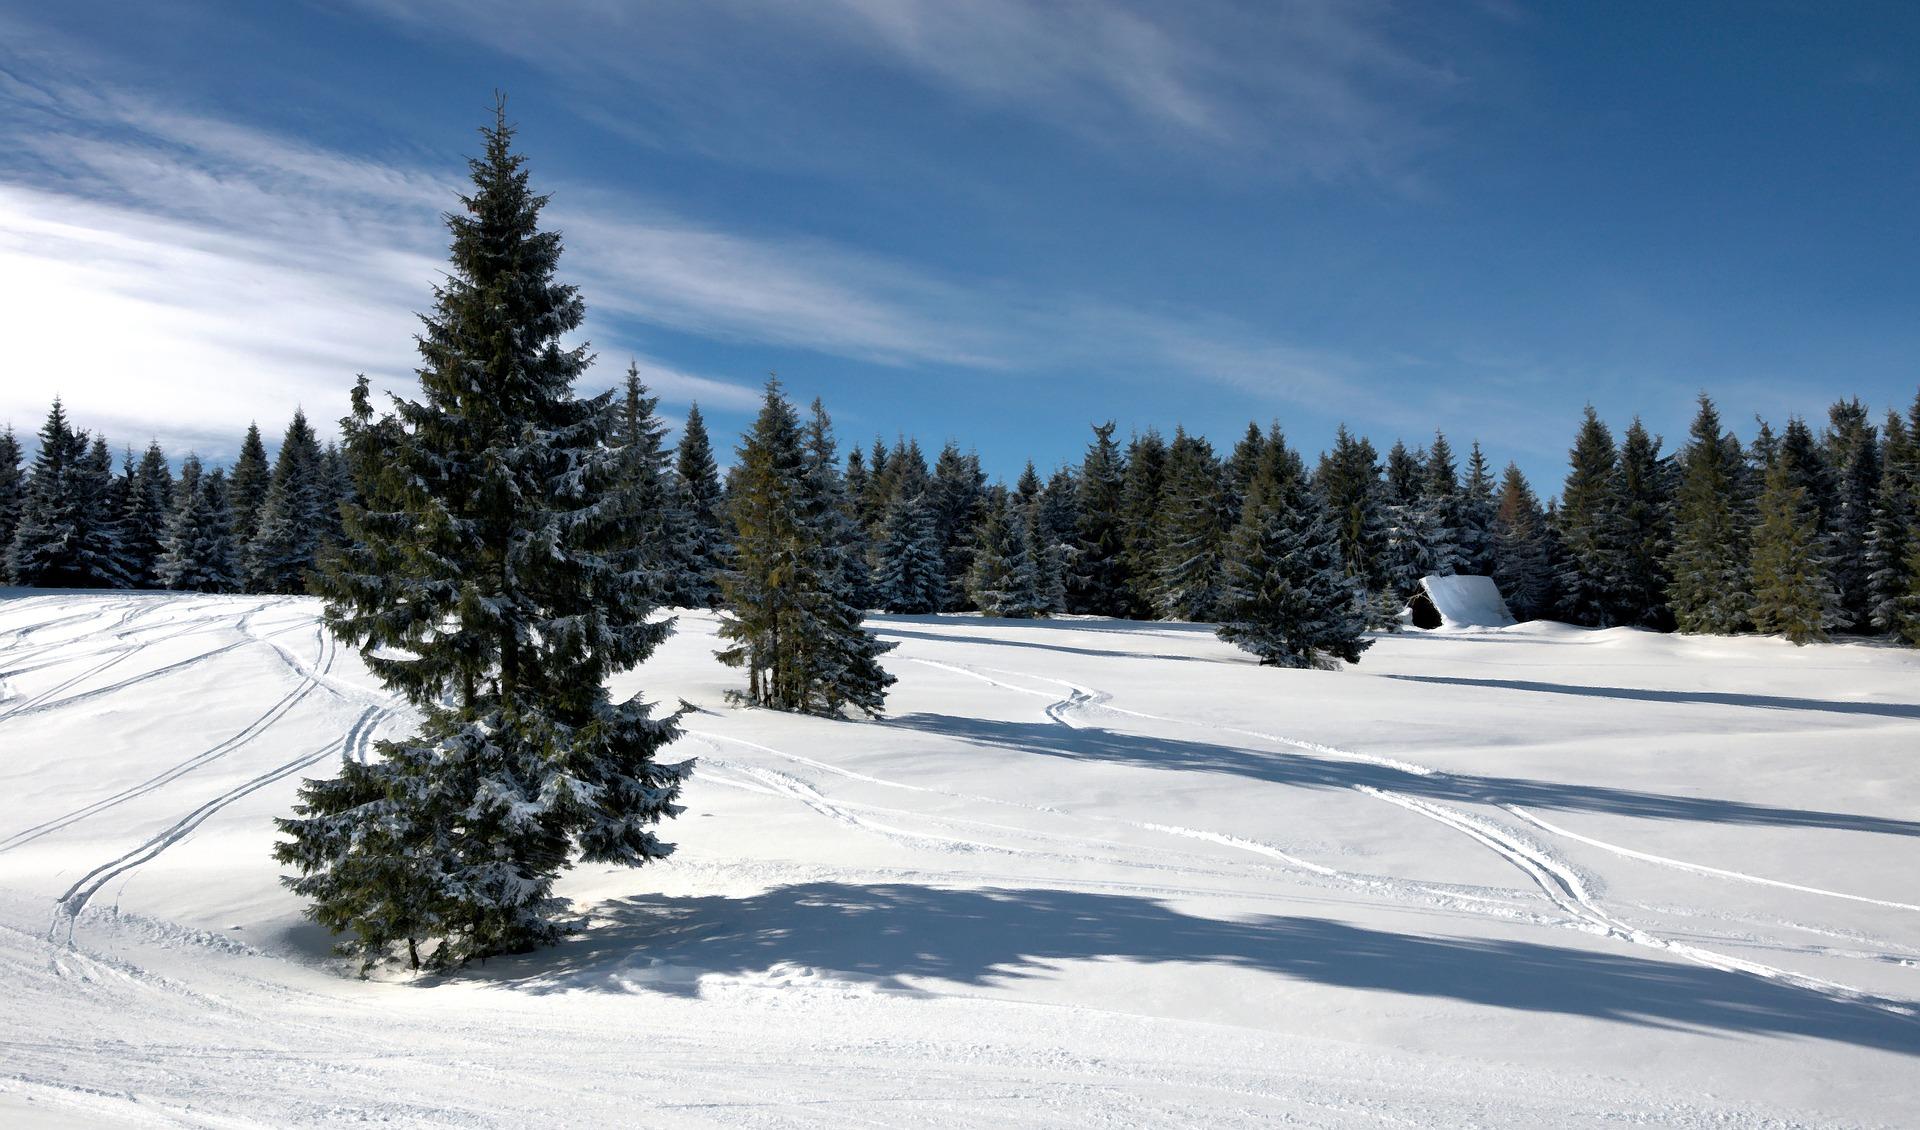 Přichází čas začít plánovat zimní dovolenou